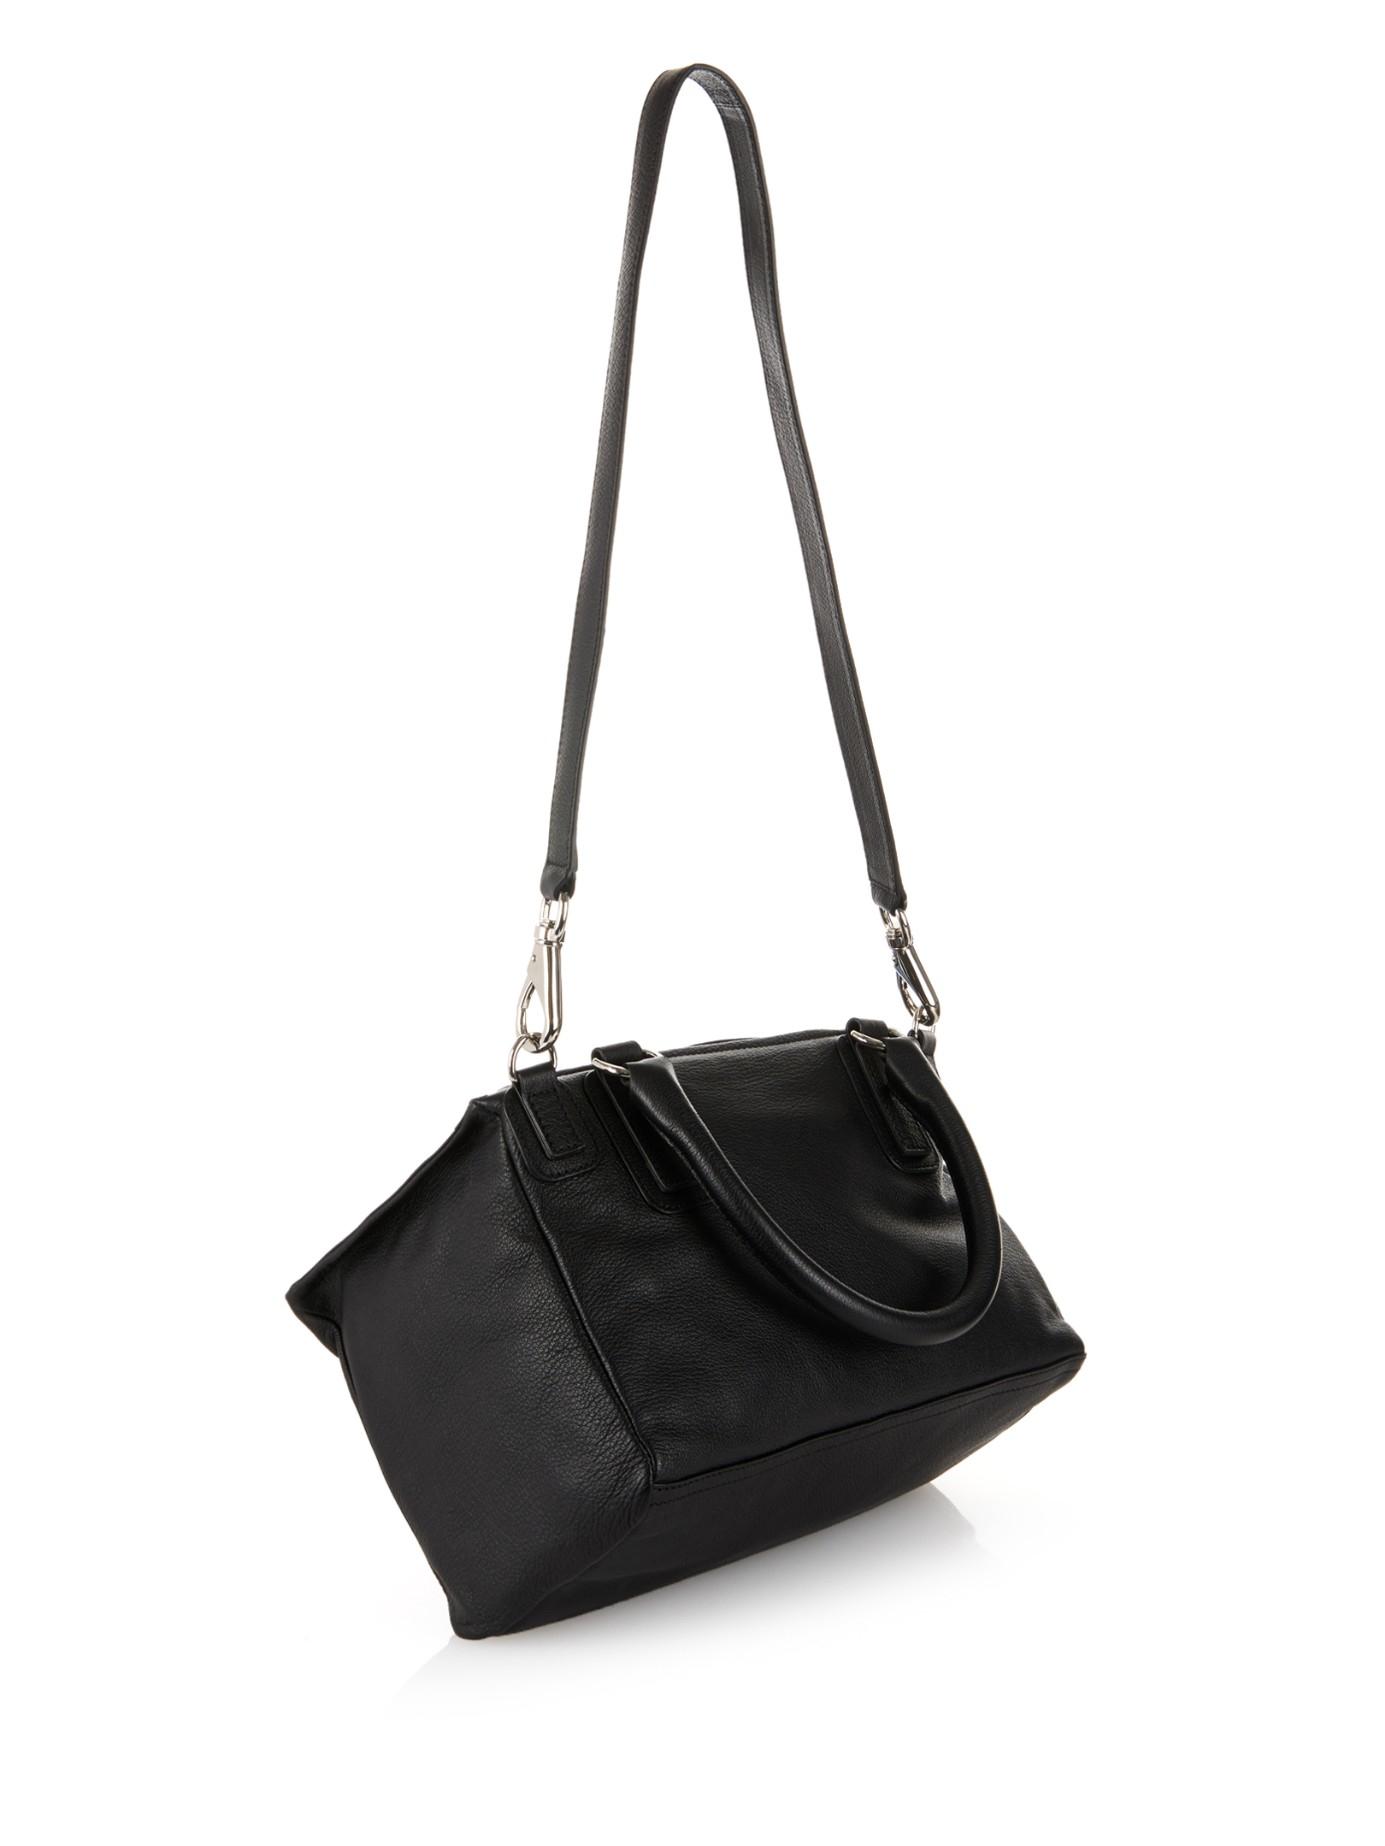 dbda6380bd Givenchy Pandora Medium Sugar-leather Bag in Black - Lyst